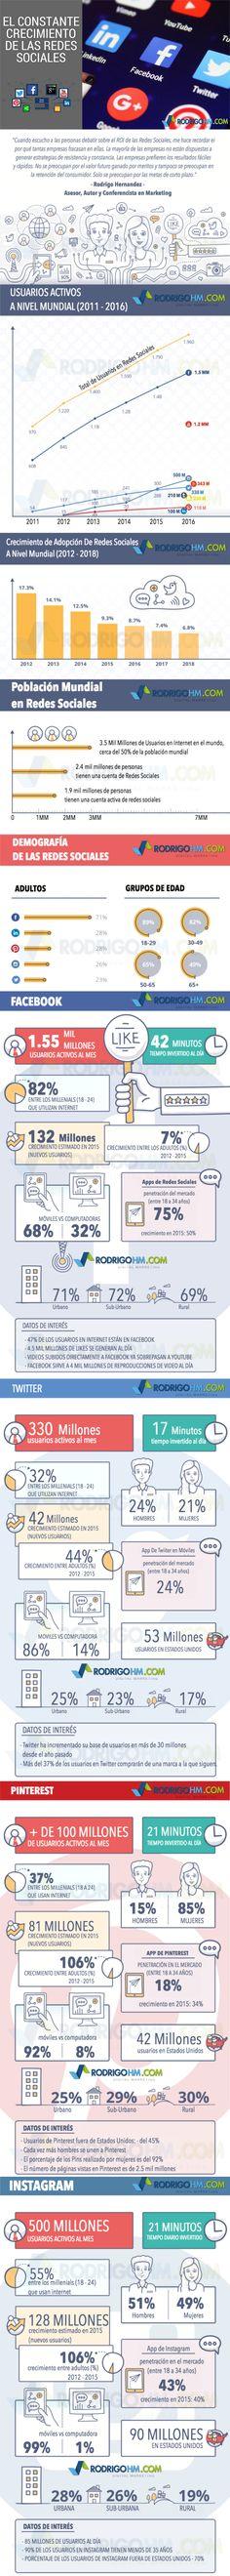 El constante crecimiento de las Redes Sociales #infografia